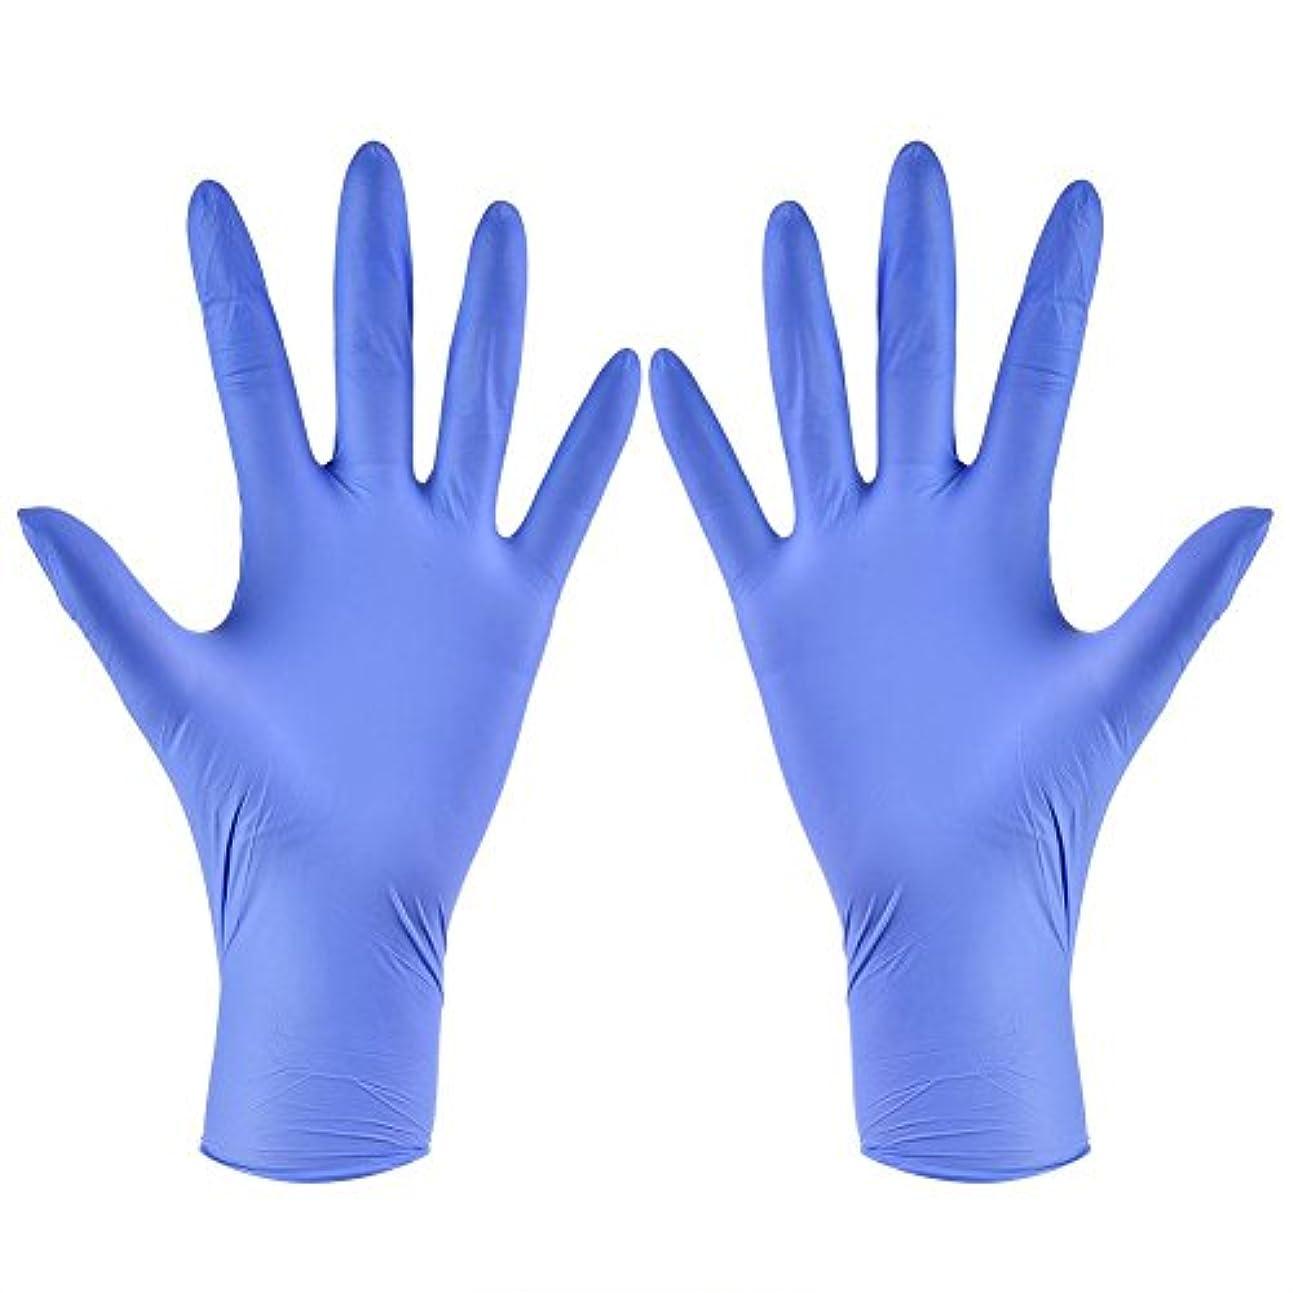 学校マークされたスイ使い捨て手袋 ニトリルグローブ ホワイト 粉なし タトゥー/歯科/病院/研究室に適応 S/M/L/XL選択可 100枚 左右兼用(XL)